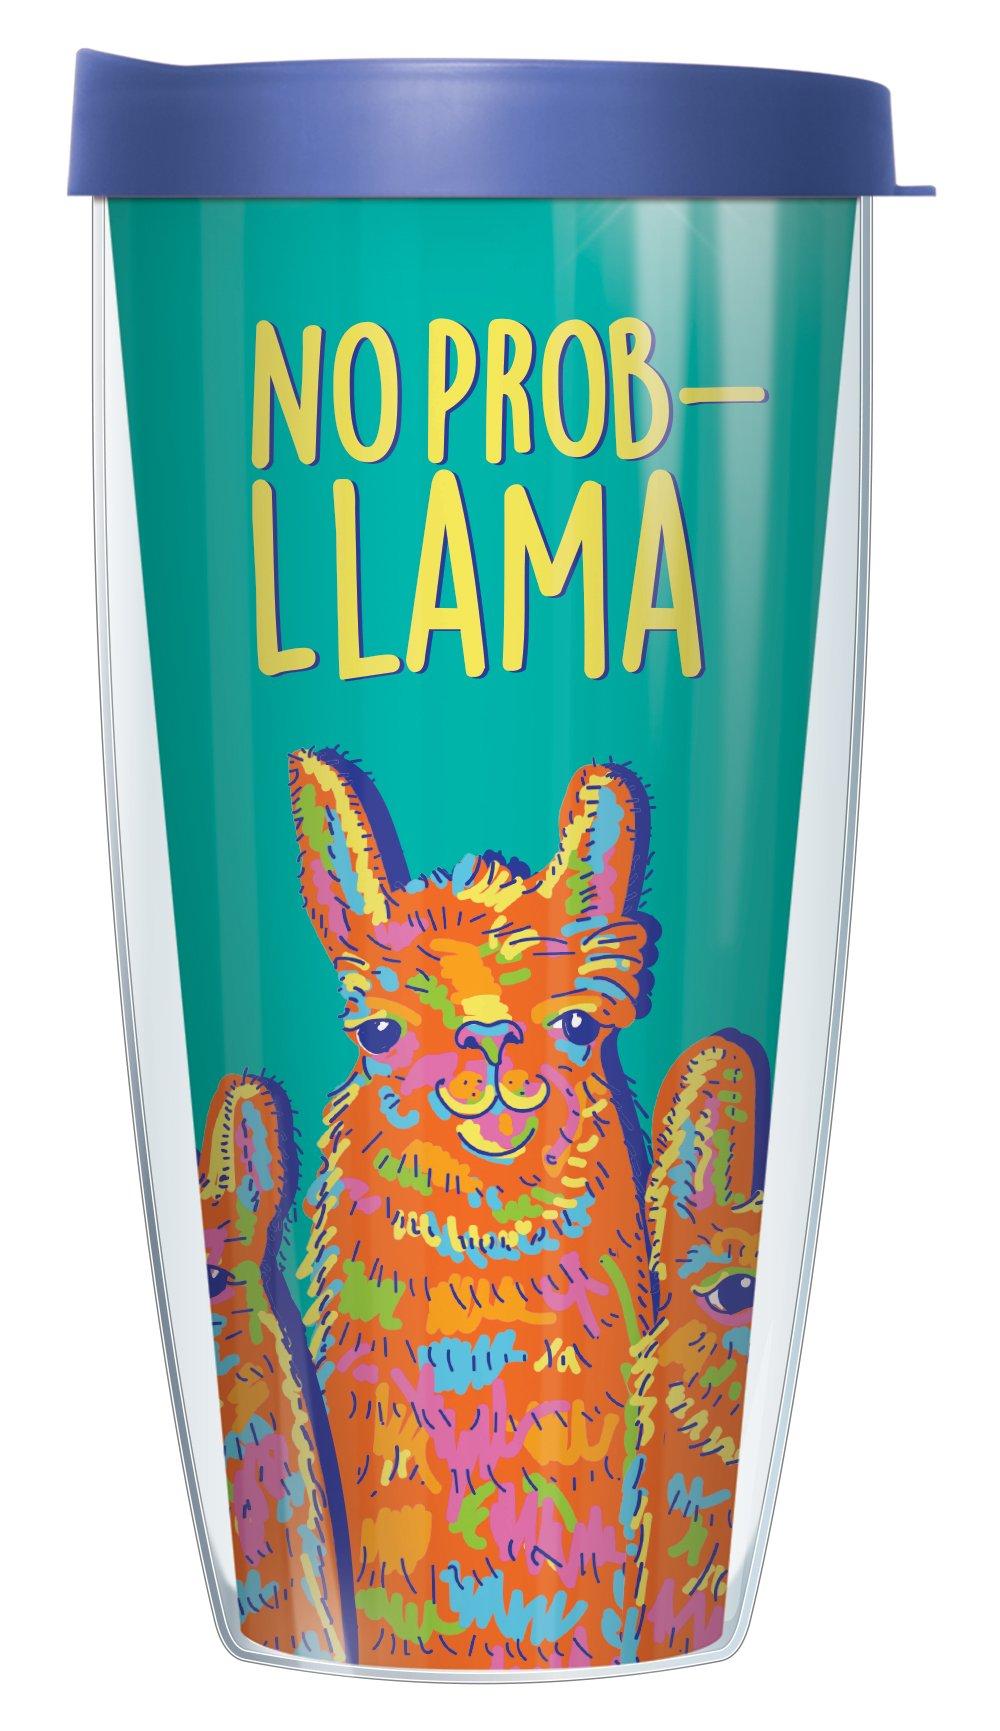 No Prob-Llama 22oz Mug Tumbler Cup with Blue Lid